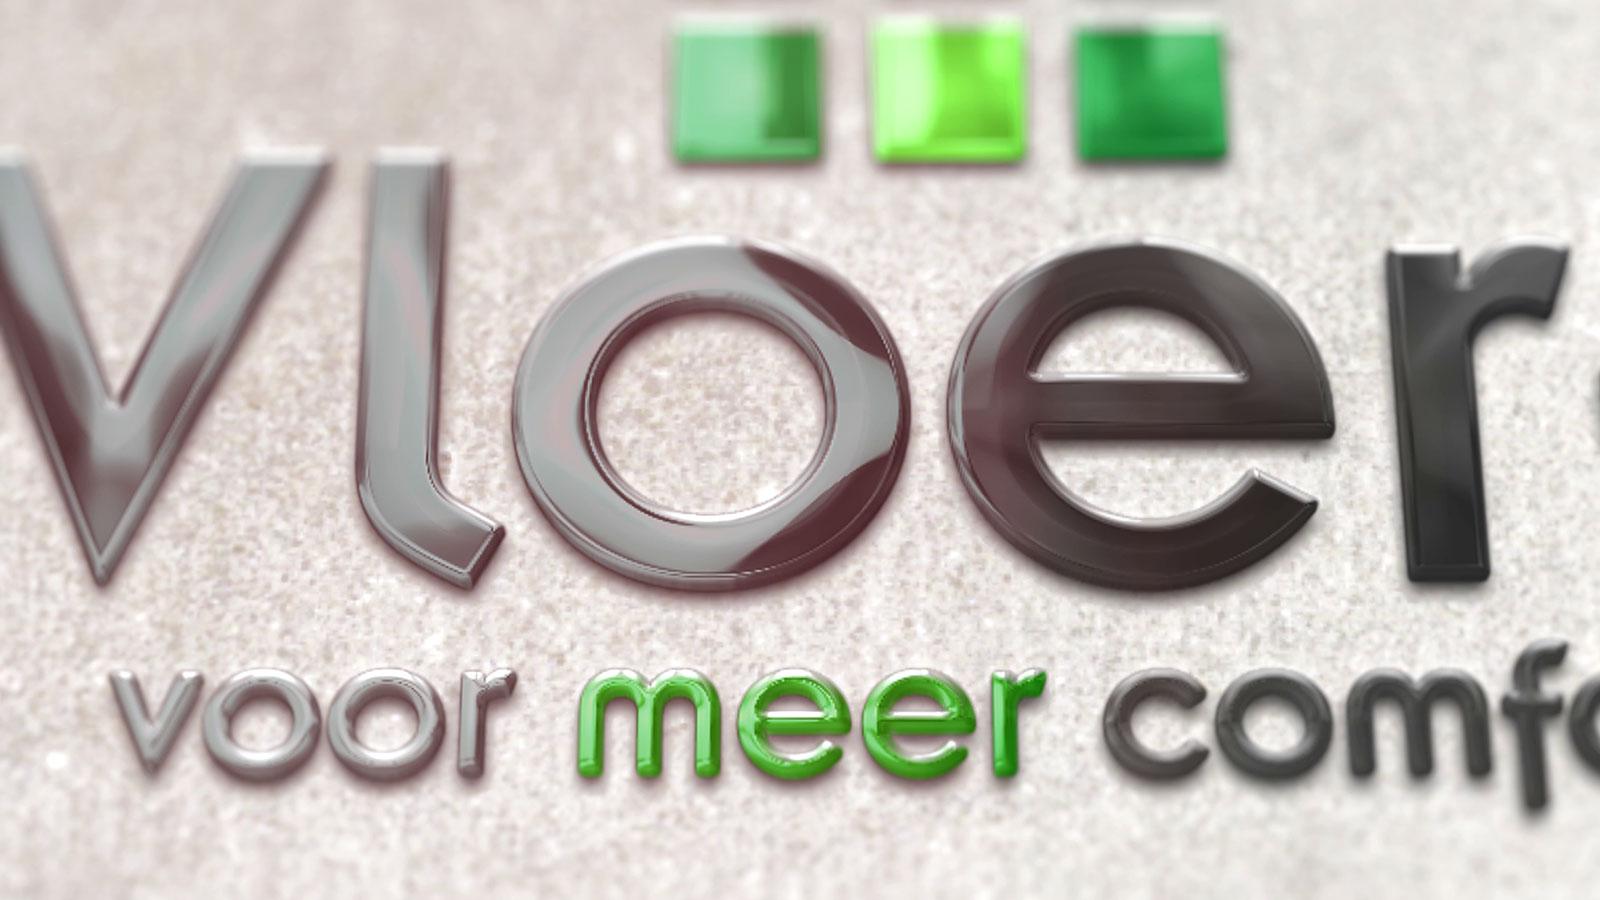 bedrijfsvideo laten maken Vloer-plus-voor-meer-comfort-logo